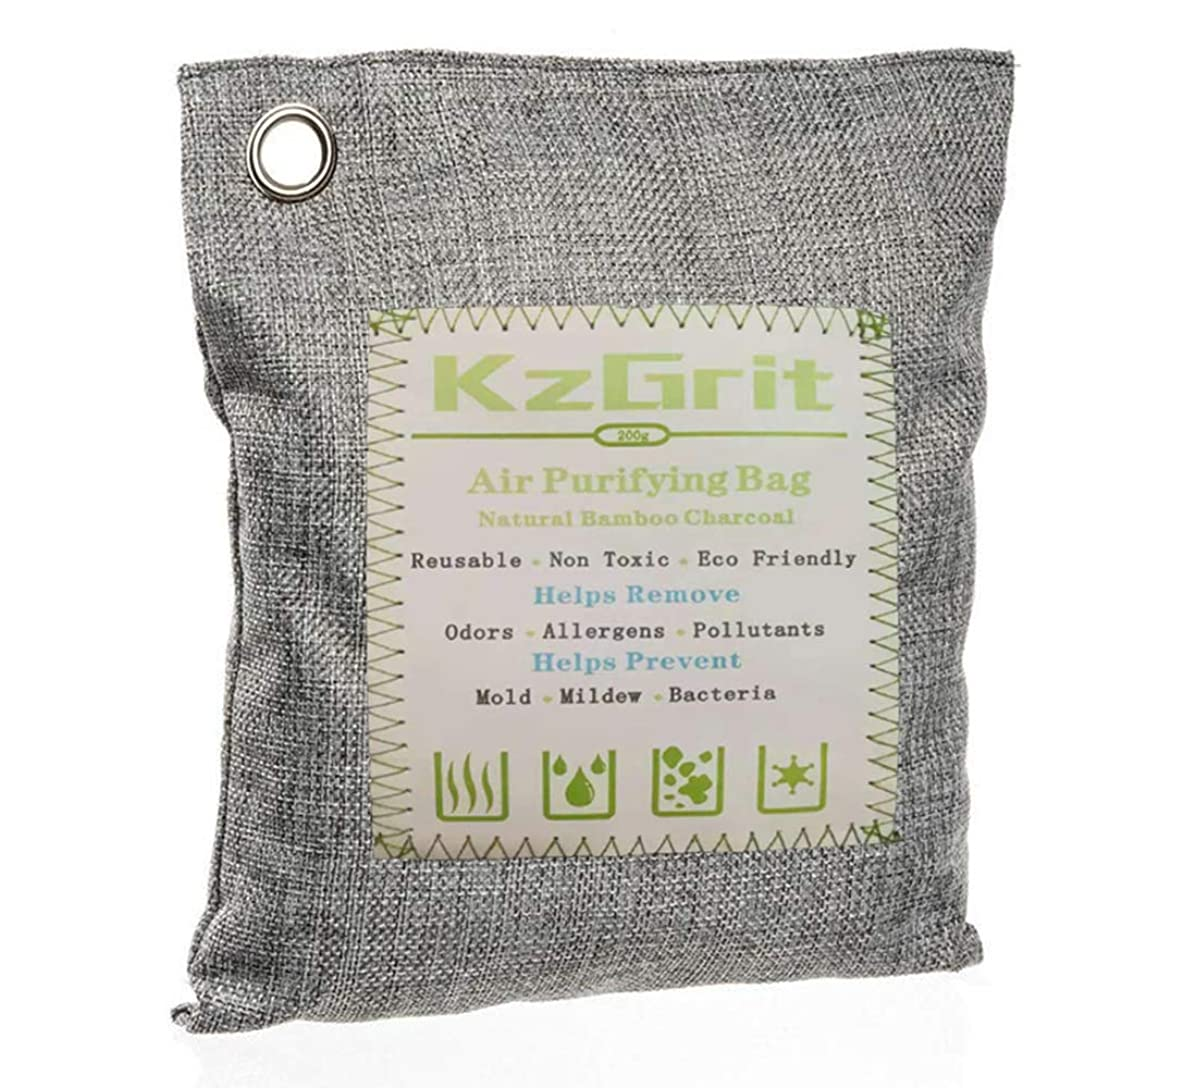 キャンペーンアナロジー栄光のKzGrit 竹炭バッグ 消臭 除湿 200g 脱臭剤 空気清浄 無毒 無香料 繰り返し使用可能 環境にやさしい 車内、ペットエリア、部屋、クローゼット、梅雨など湿気の多い季節などで使用可能(グレー)